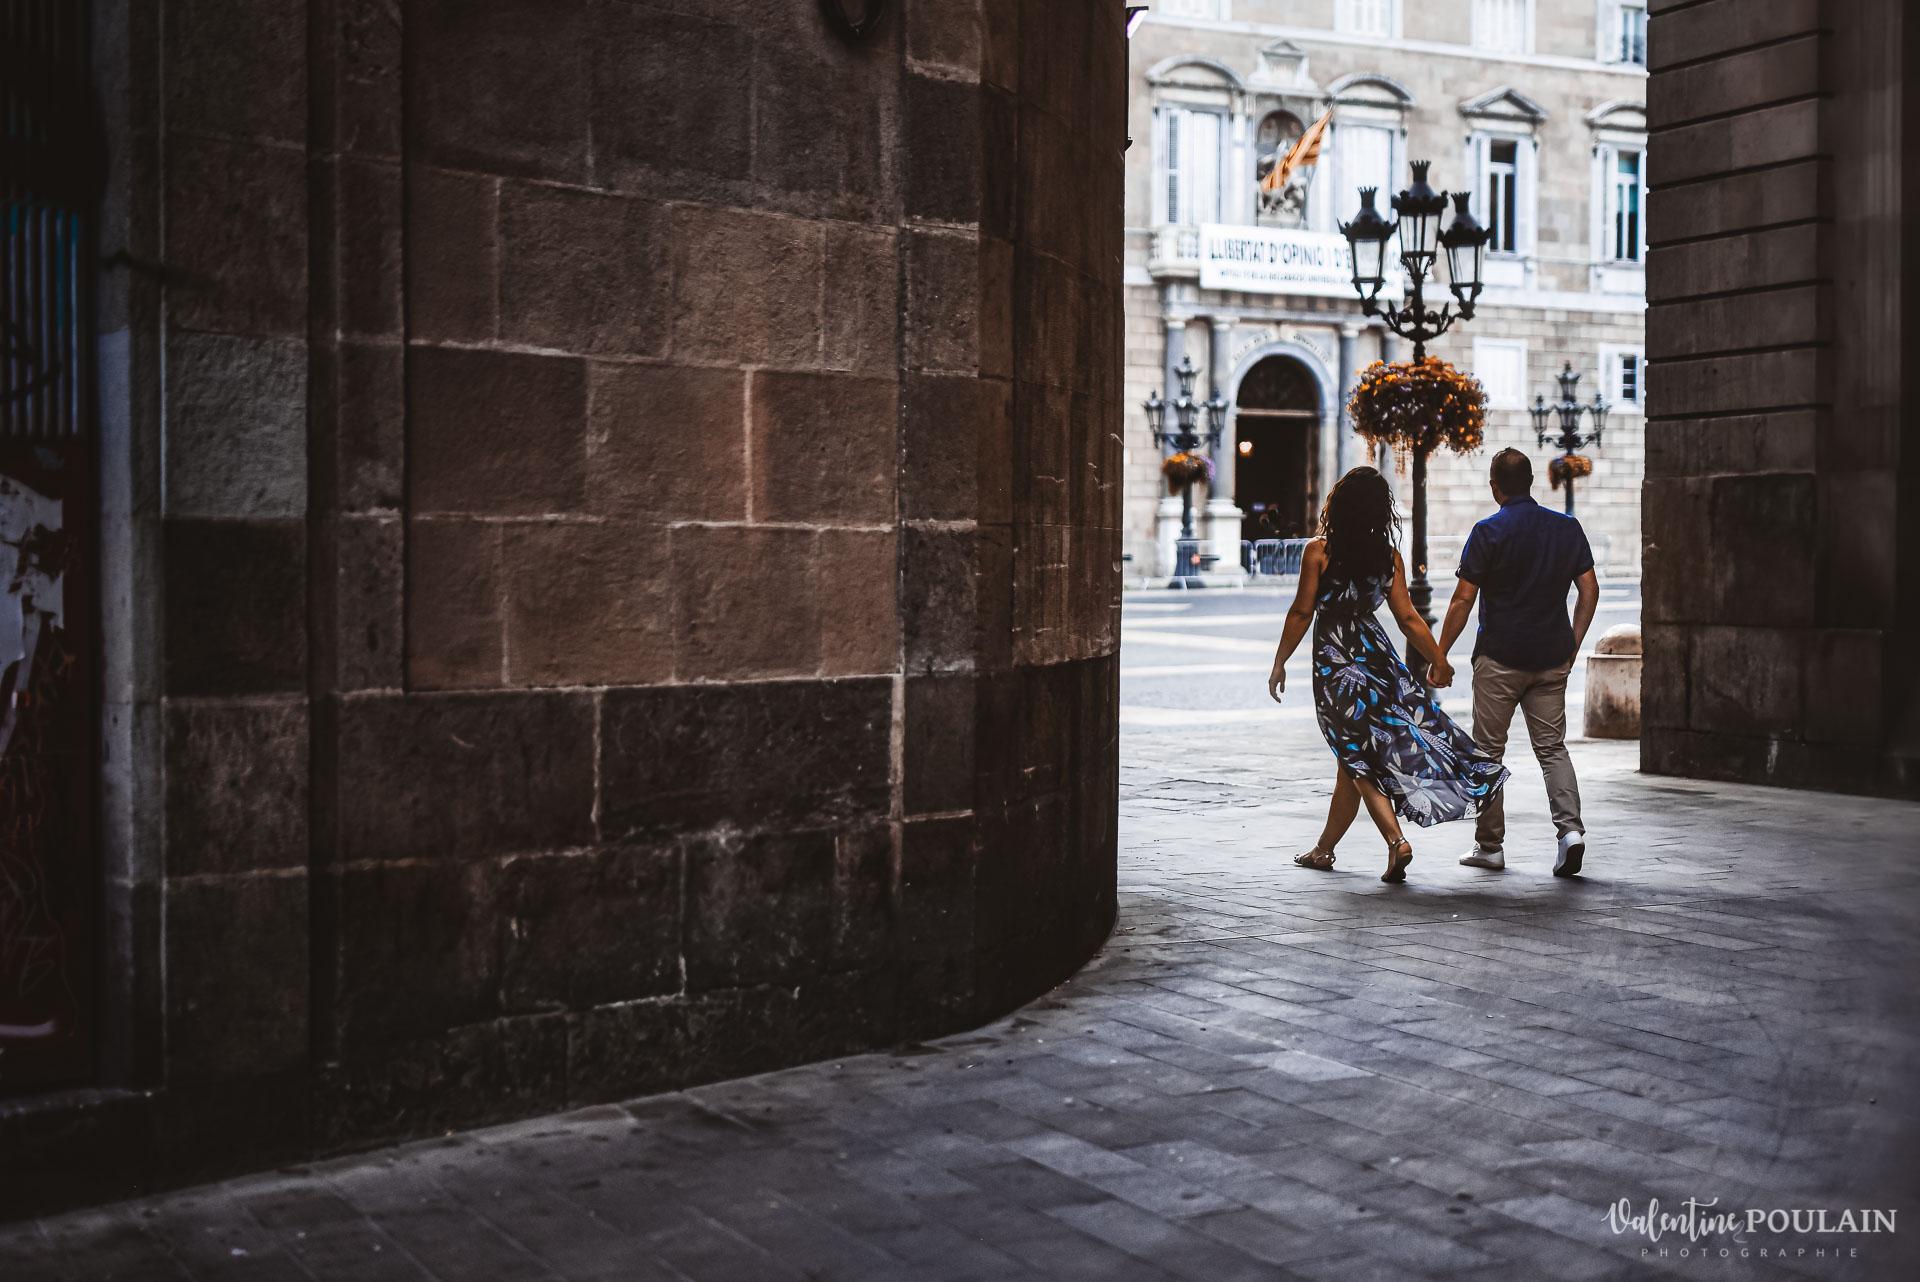 Séance photo couple Barcelone - Valentine Poulain ruelle